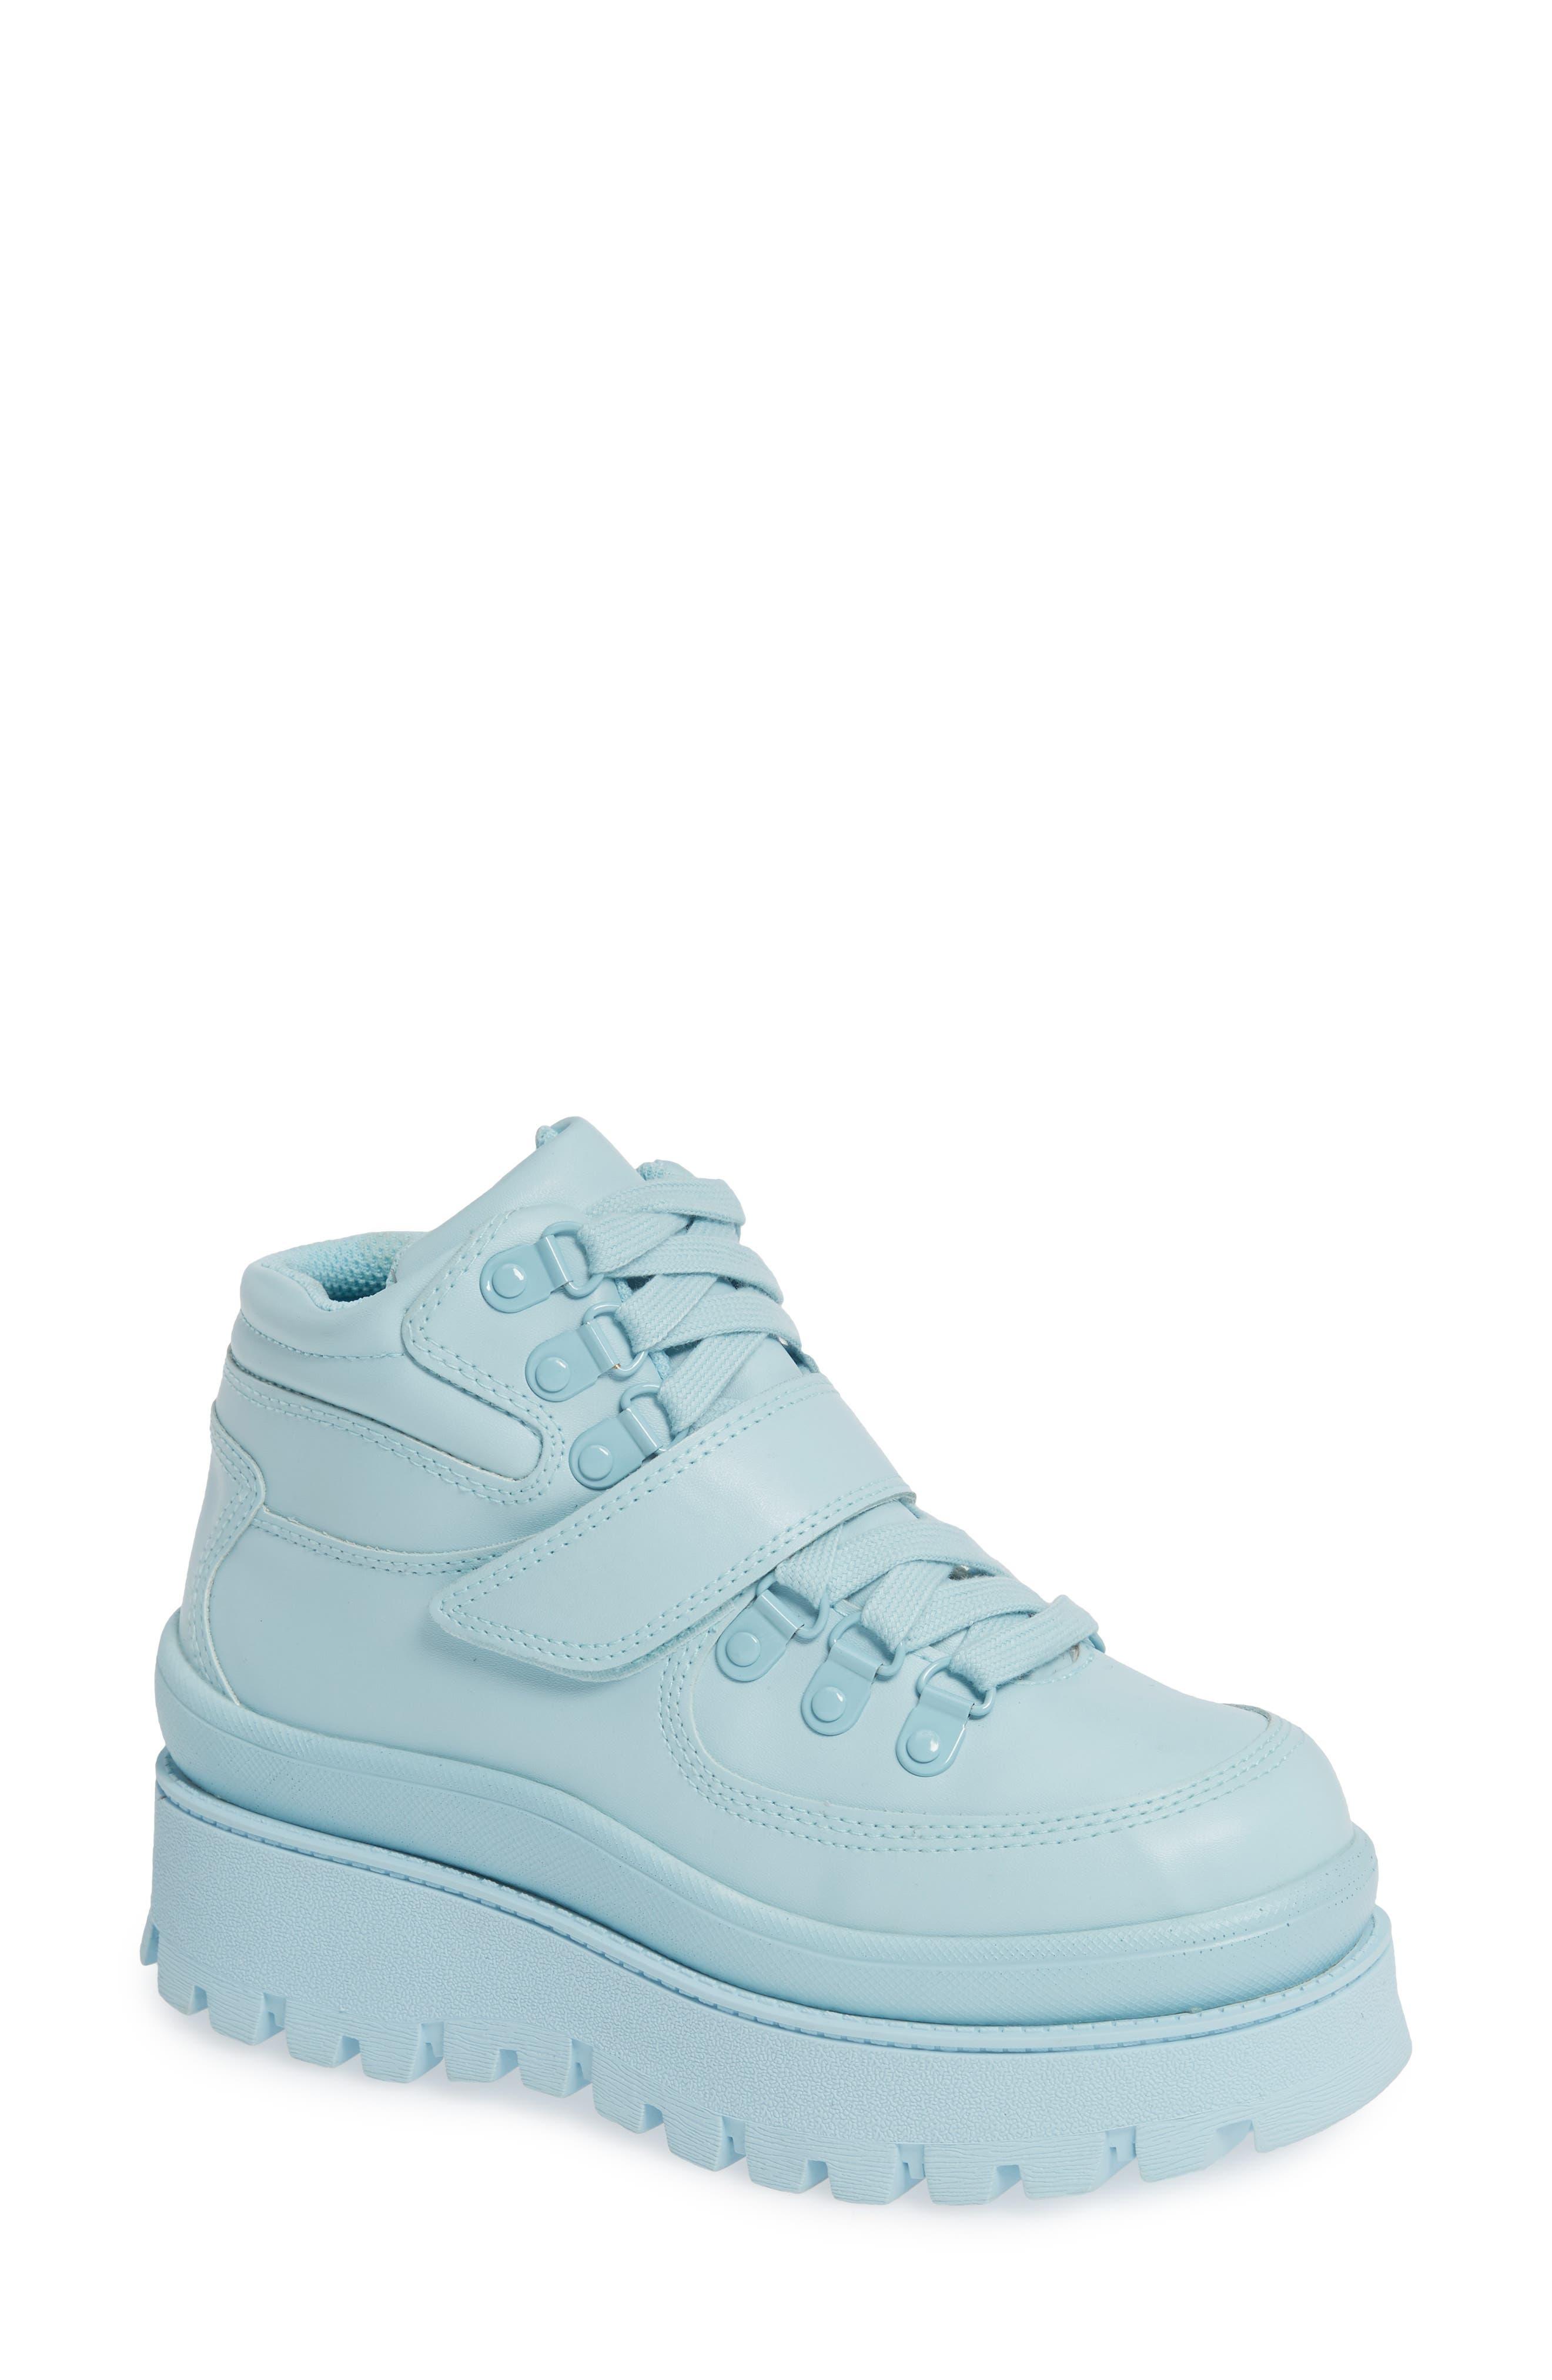 JEFFREY CAMPBELL, Top Peak 2 Platform Sneaker, Main thumbnail 1, color, BLUE FAUX LEATHER